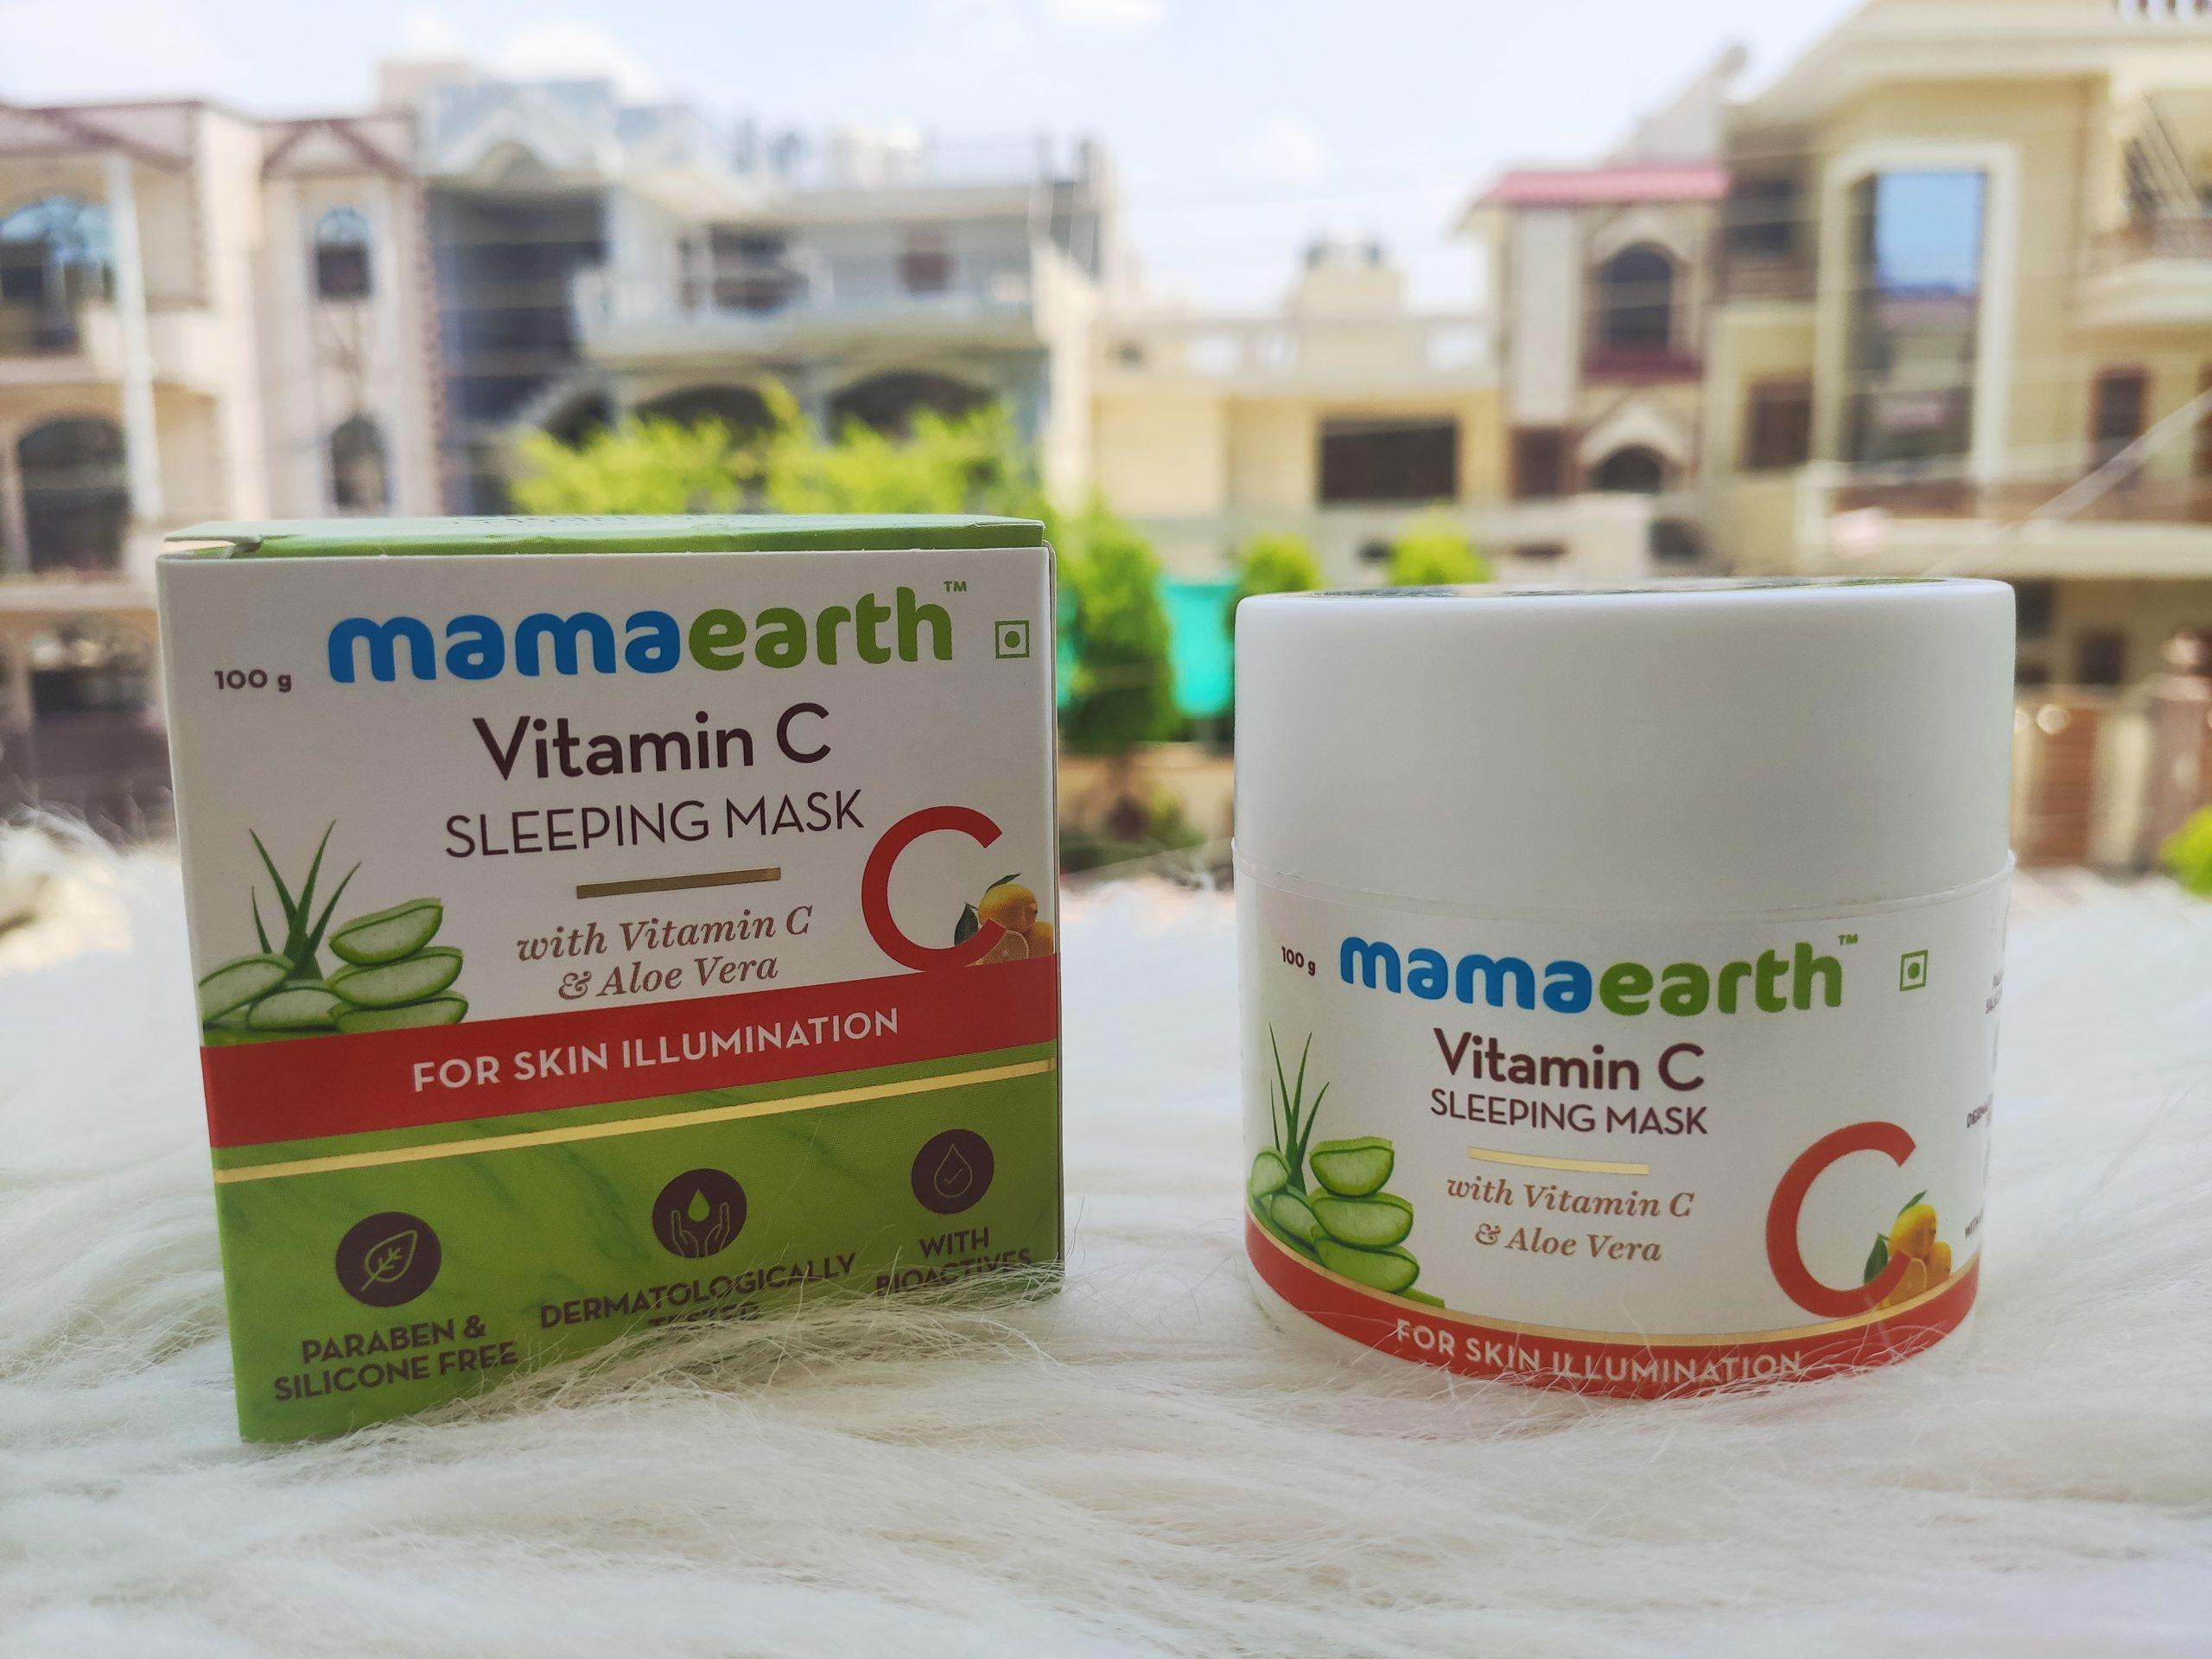 MamaEarth Vitamin C Night Sleeping Mask|Review